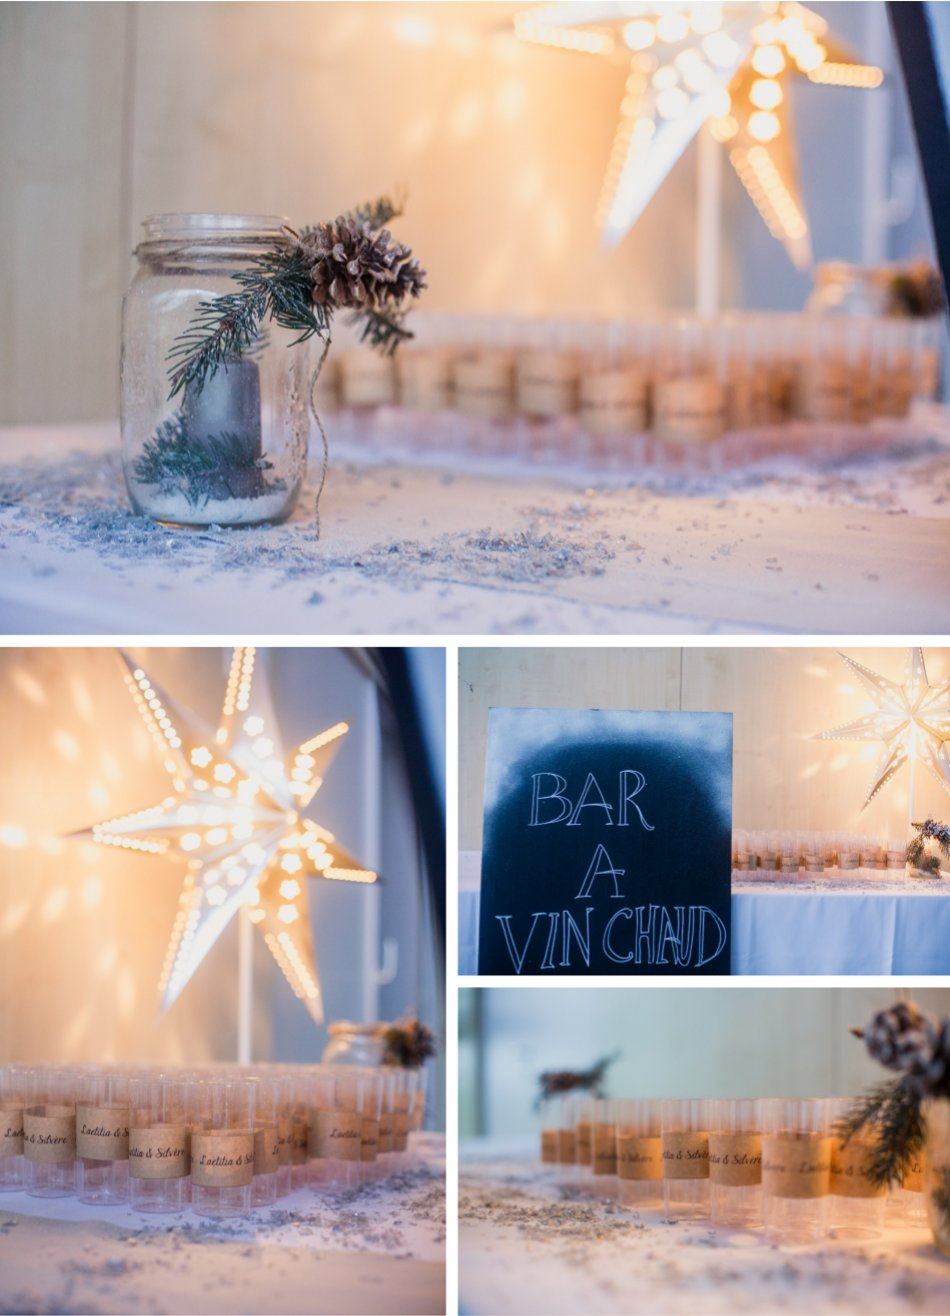 Décoration de mariage hivernal